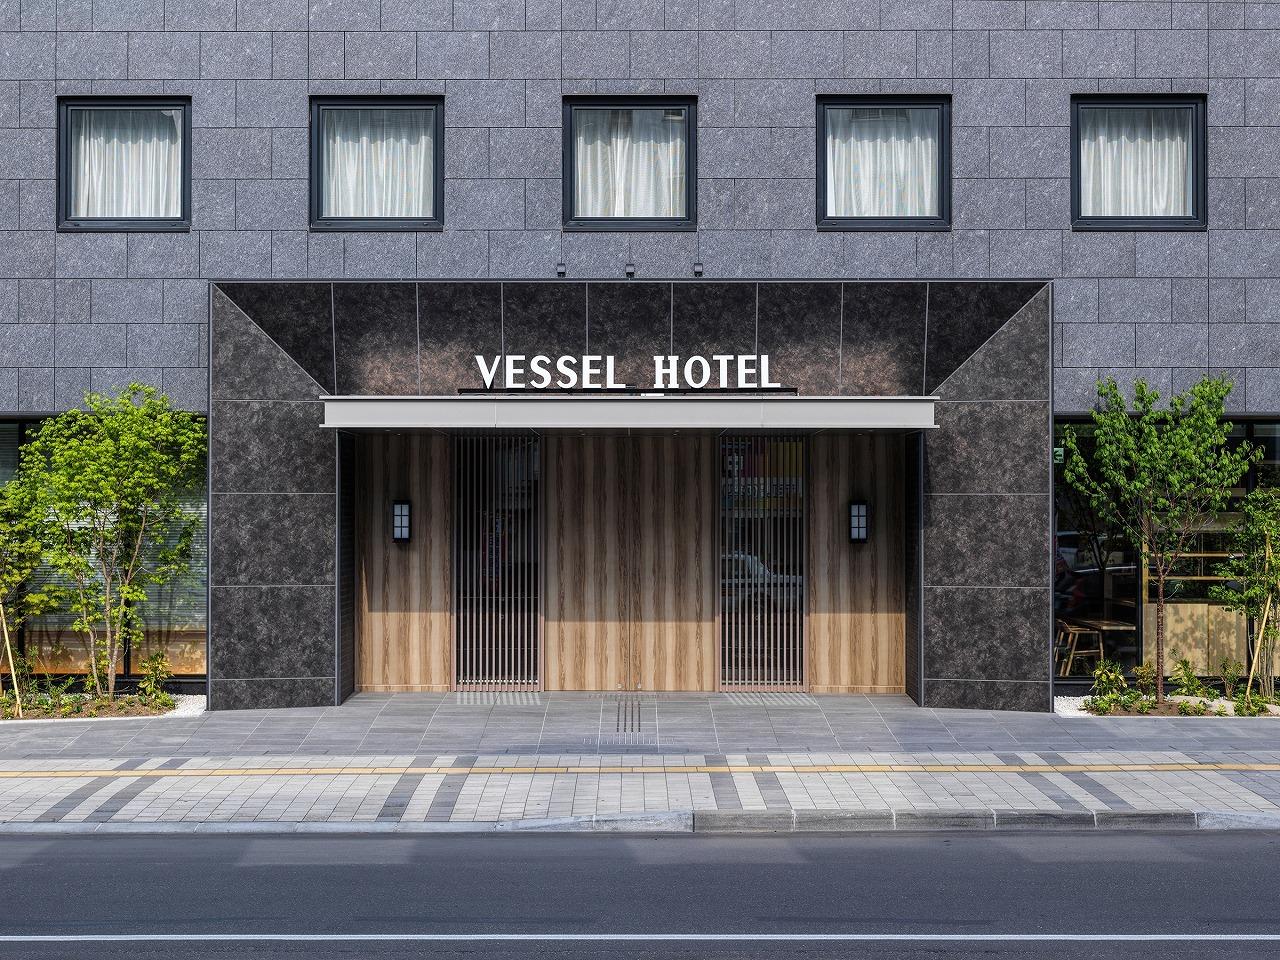 ベッセルホテルカンパーナすすきの スーパーレイトアウト19:00プラン【朝食付き】